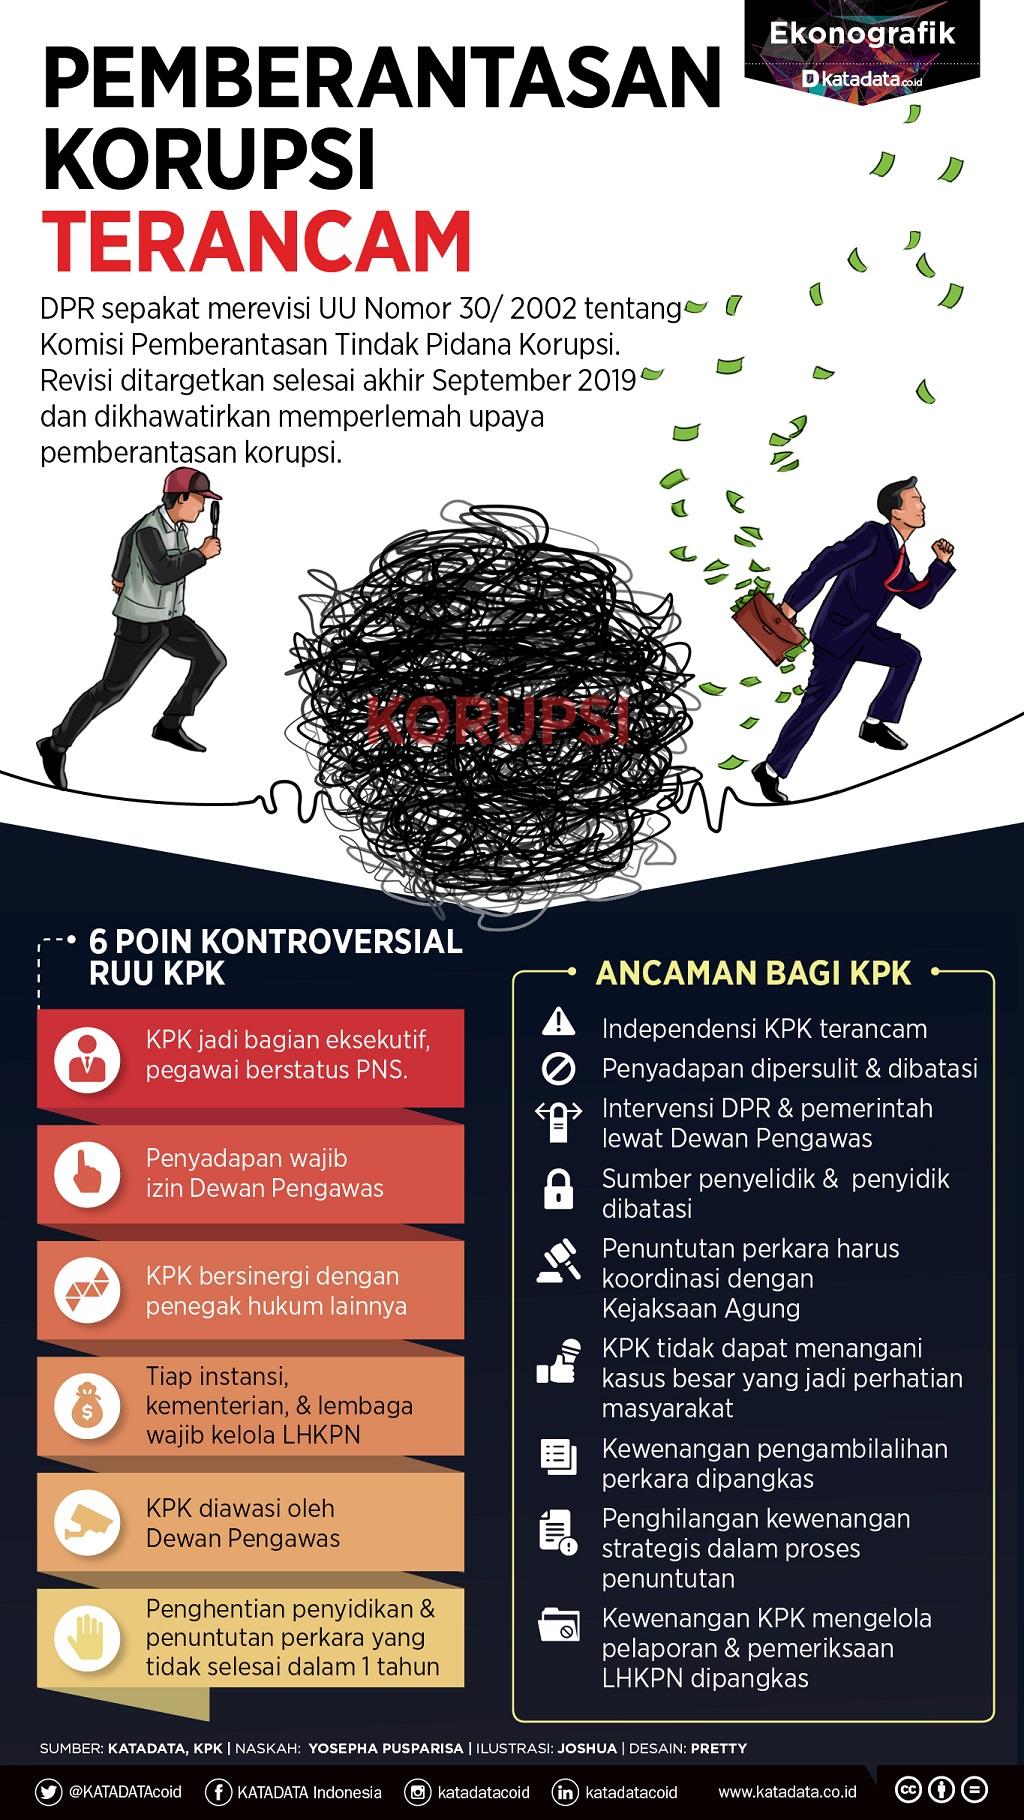 pemberantasan korupsi terancam